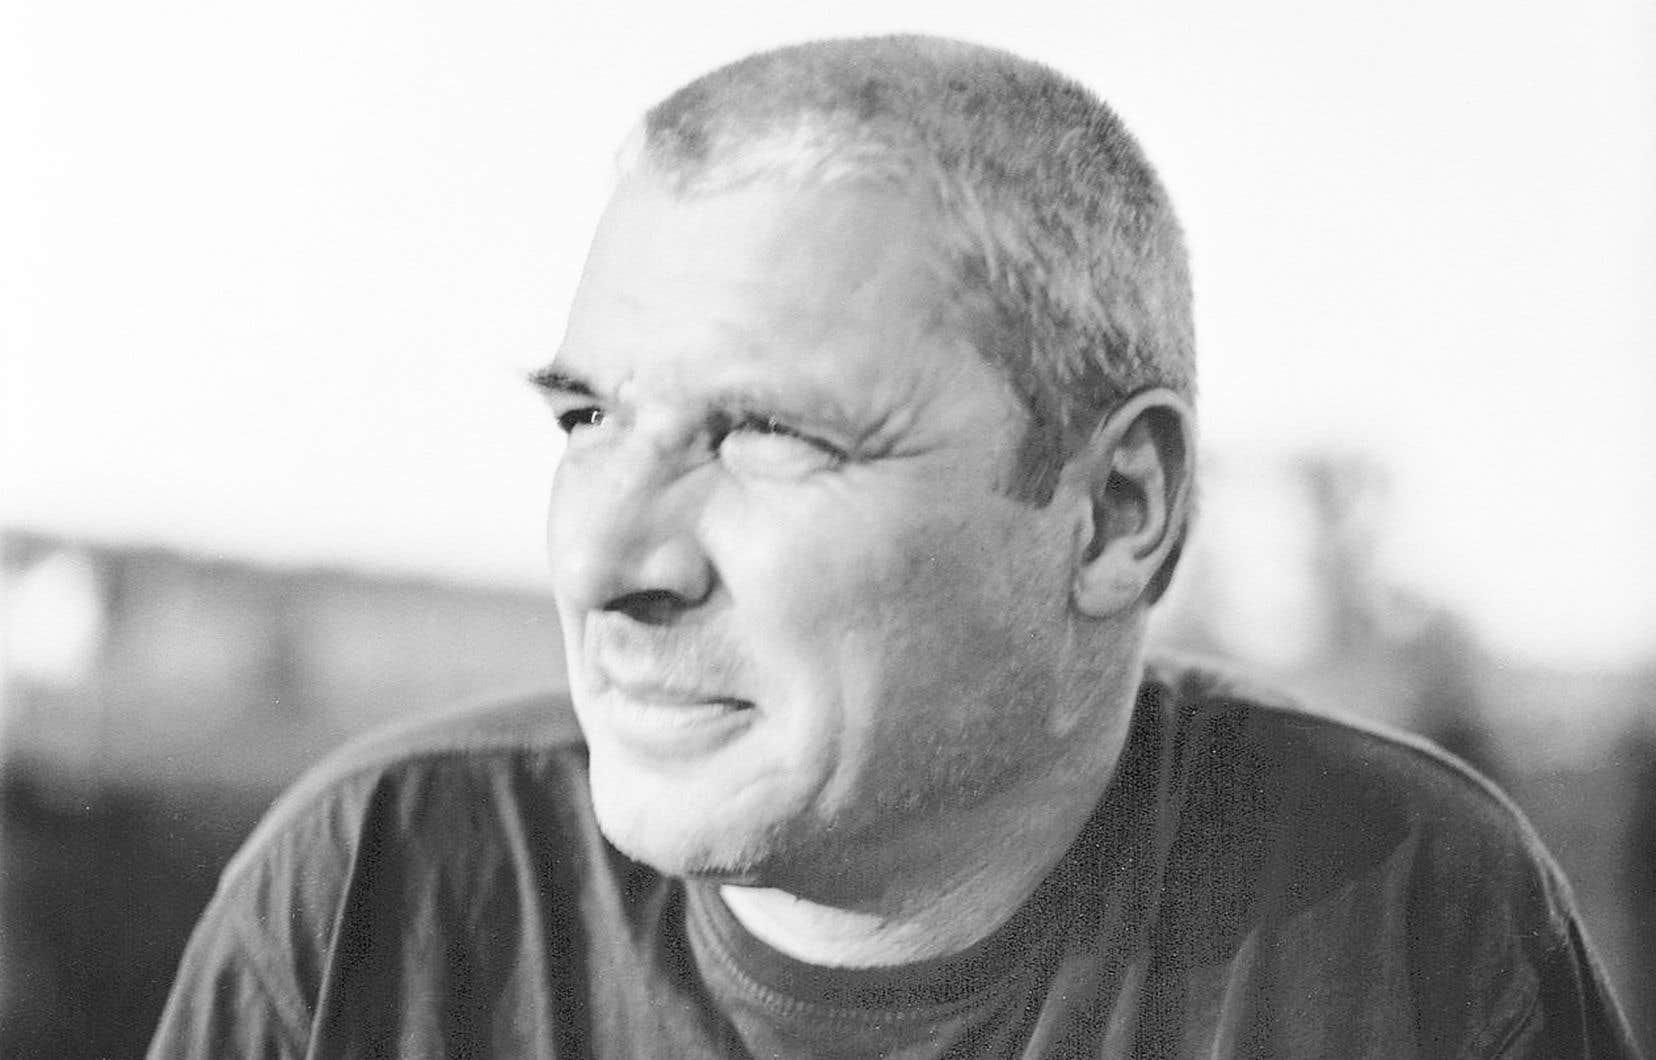 Écrivain, poète et journaliste polonais né en1960 à Varsovie, Andrzej Stasiuk est considéré comme le chef de file de la littérature polonaise contemporaine.